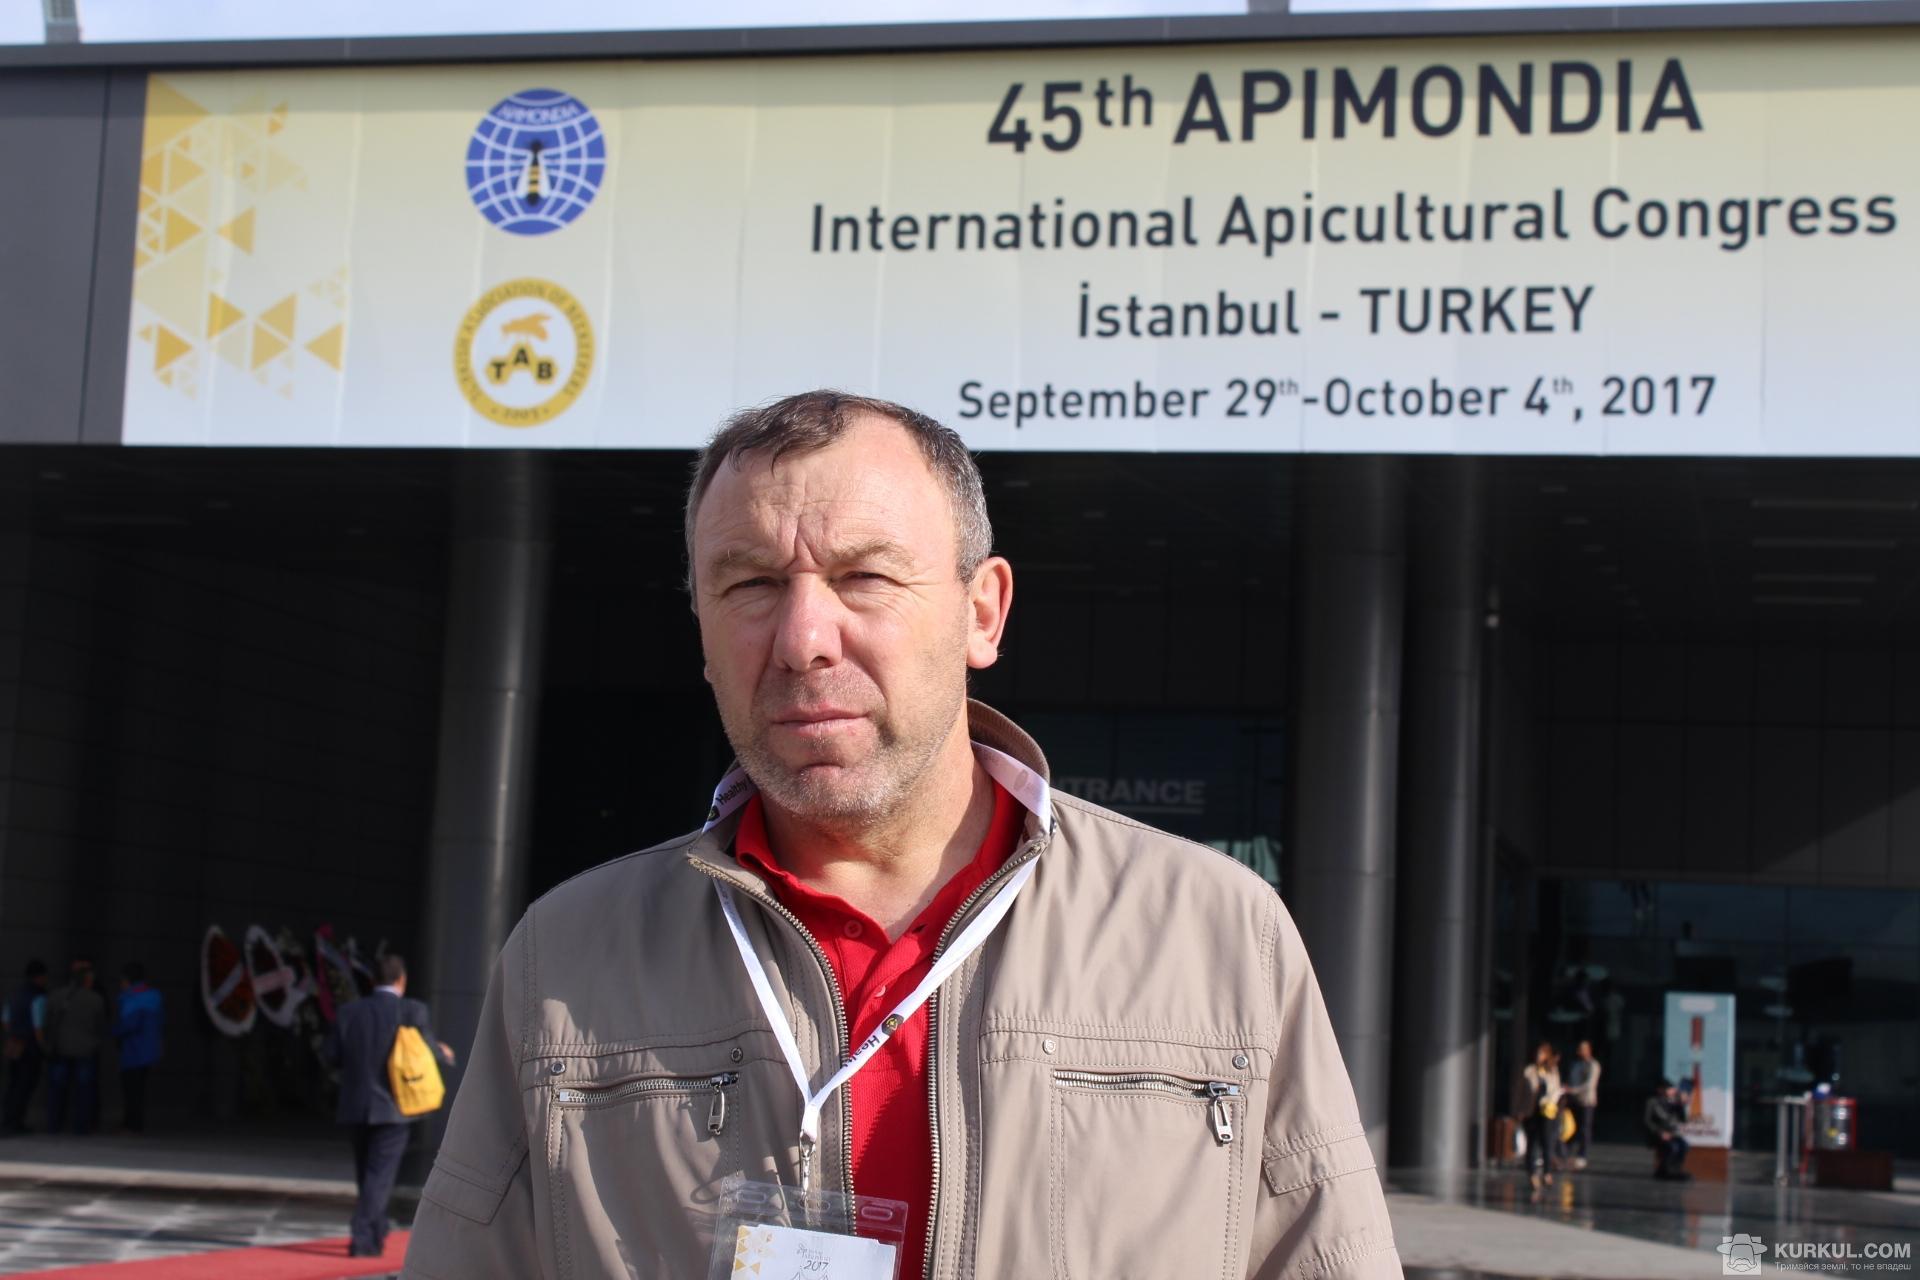 Під час виставки Apimondia 2017 р.